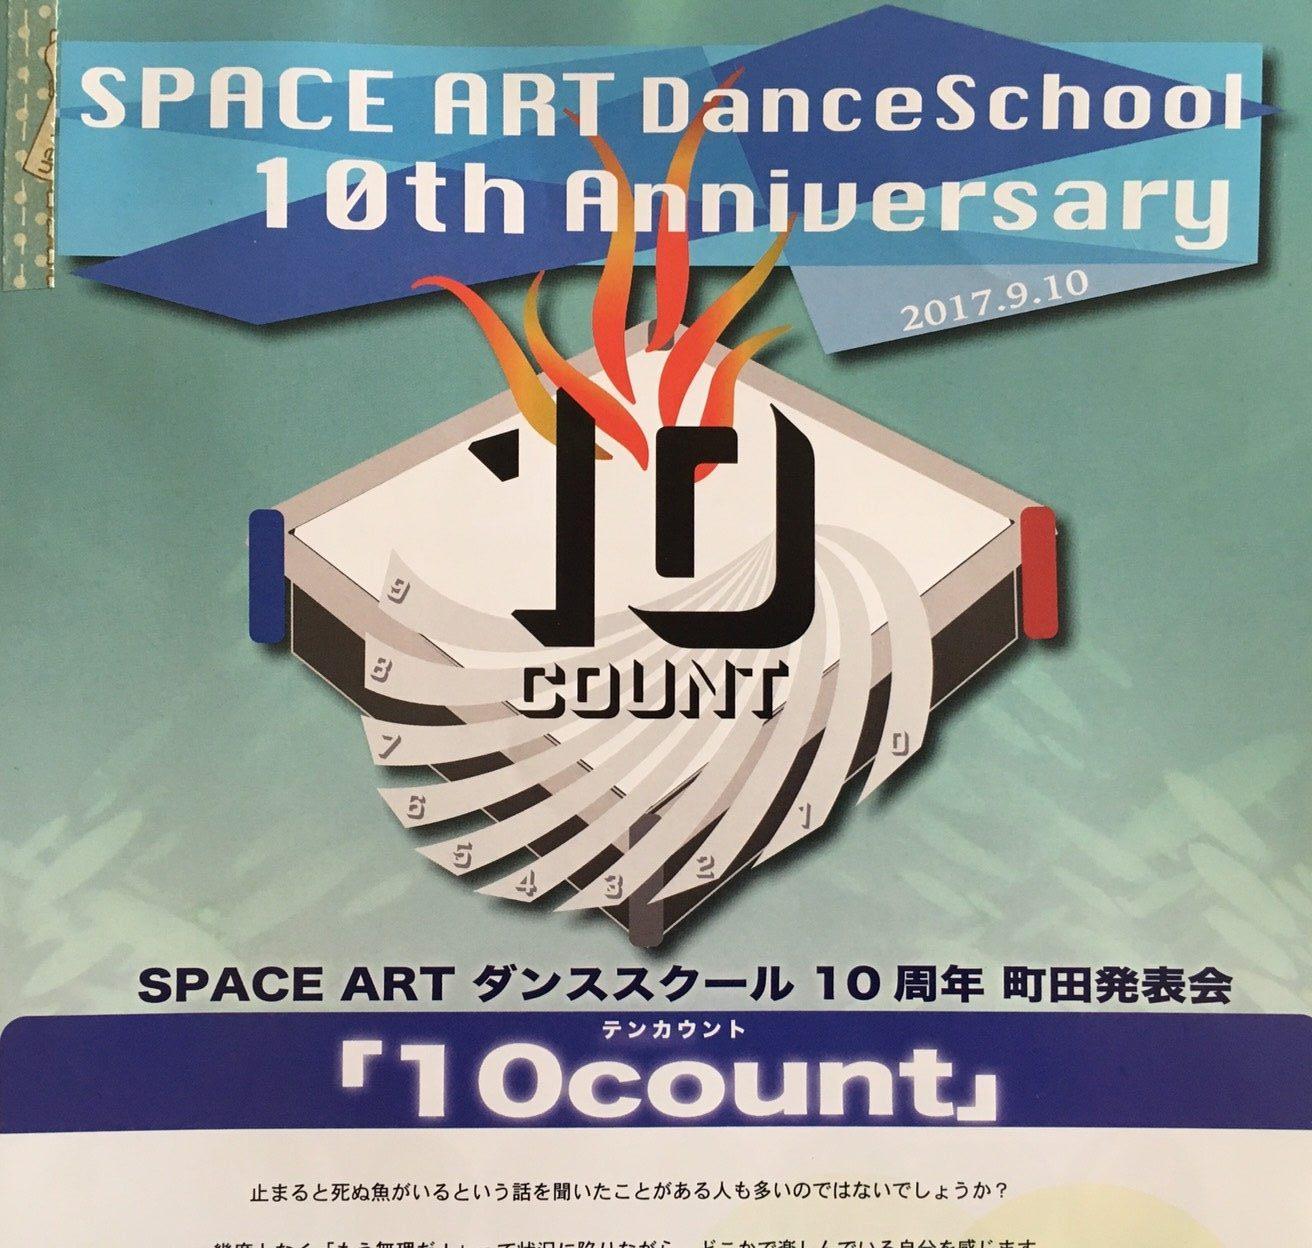 9/10 SPACE ART ダンススクール発表会【チアダンス】